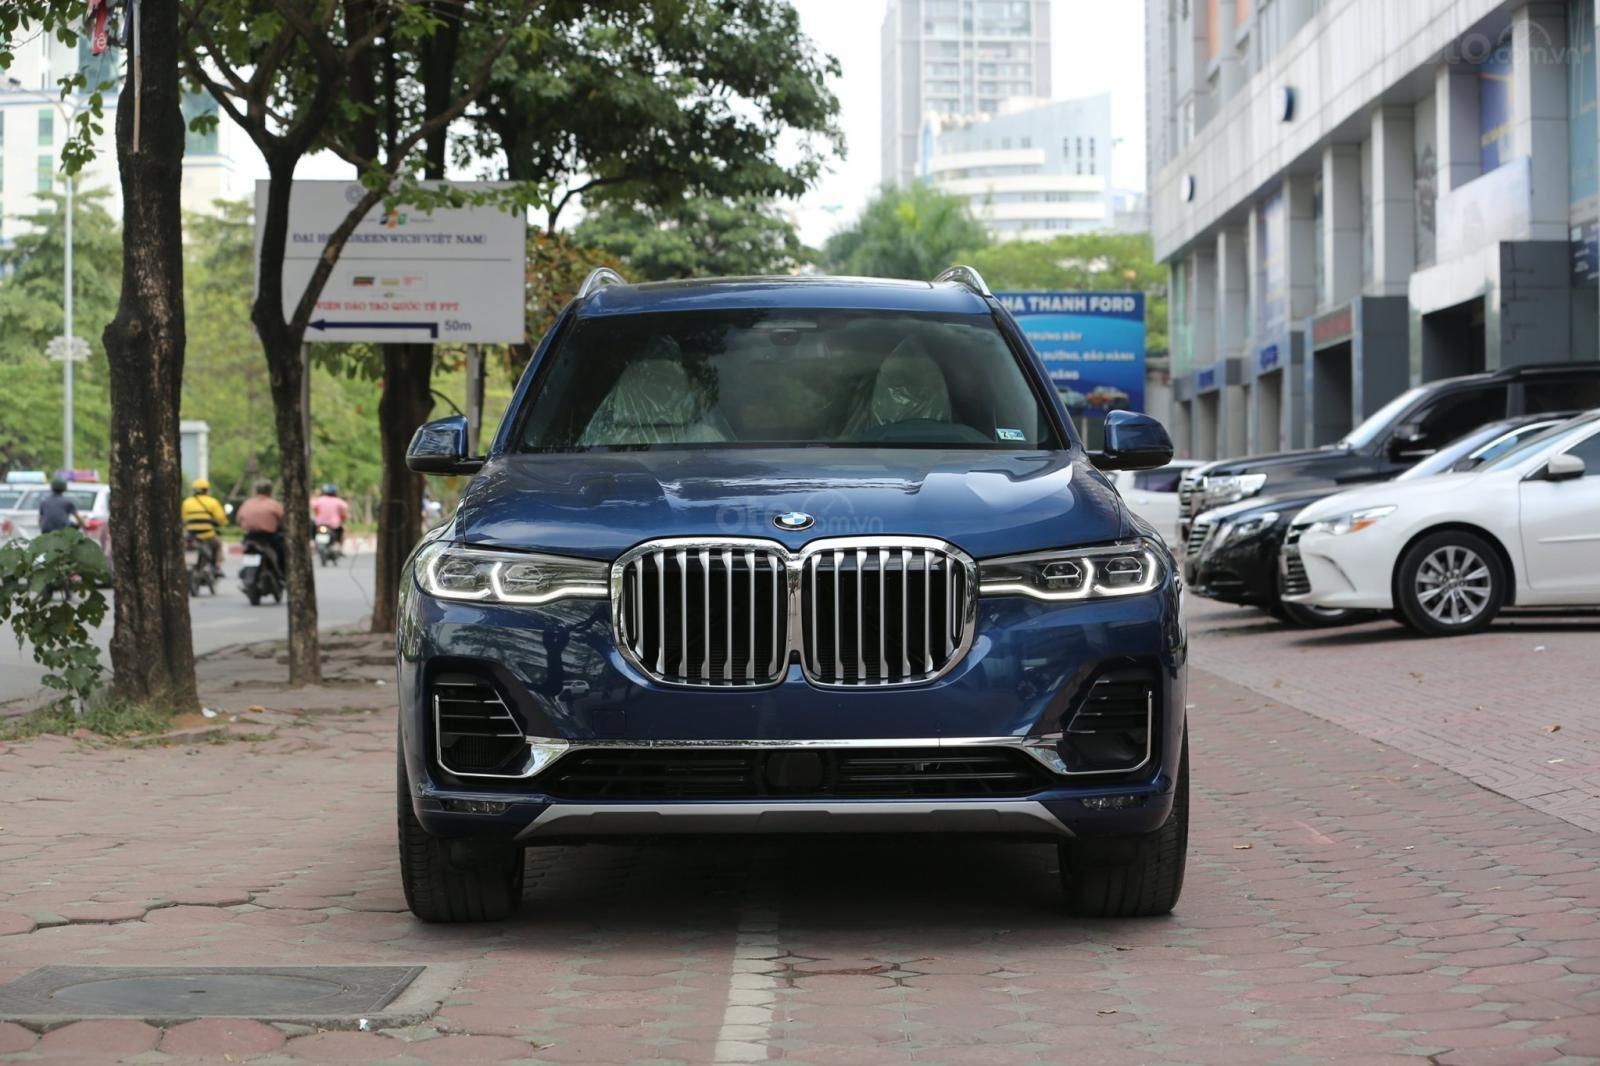 Bán BMW X7 2020 mới 100% nhập Mỹ (1)